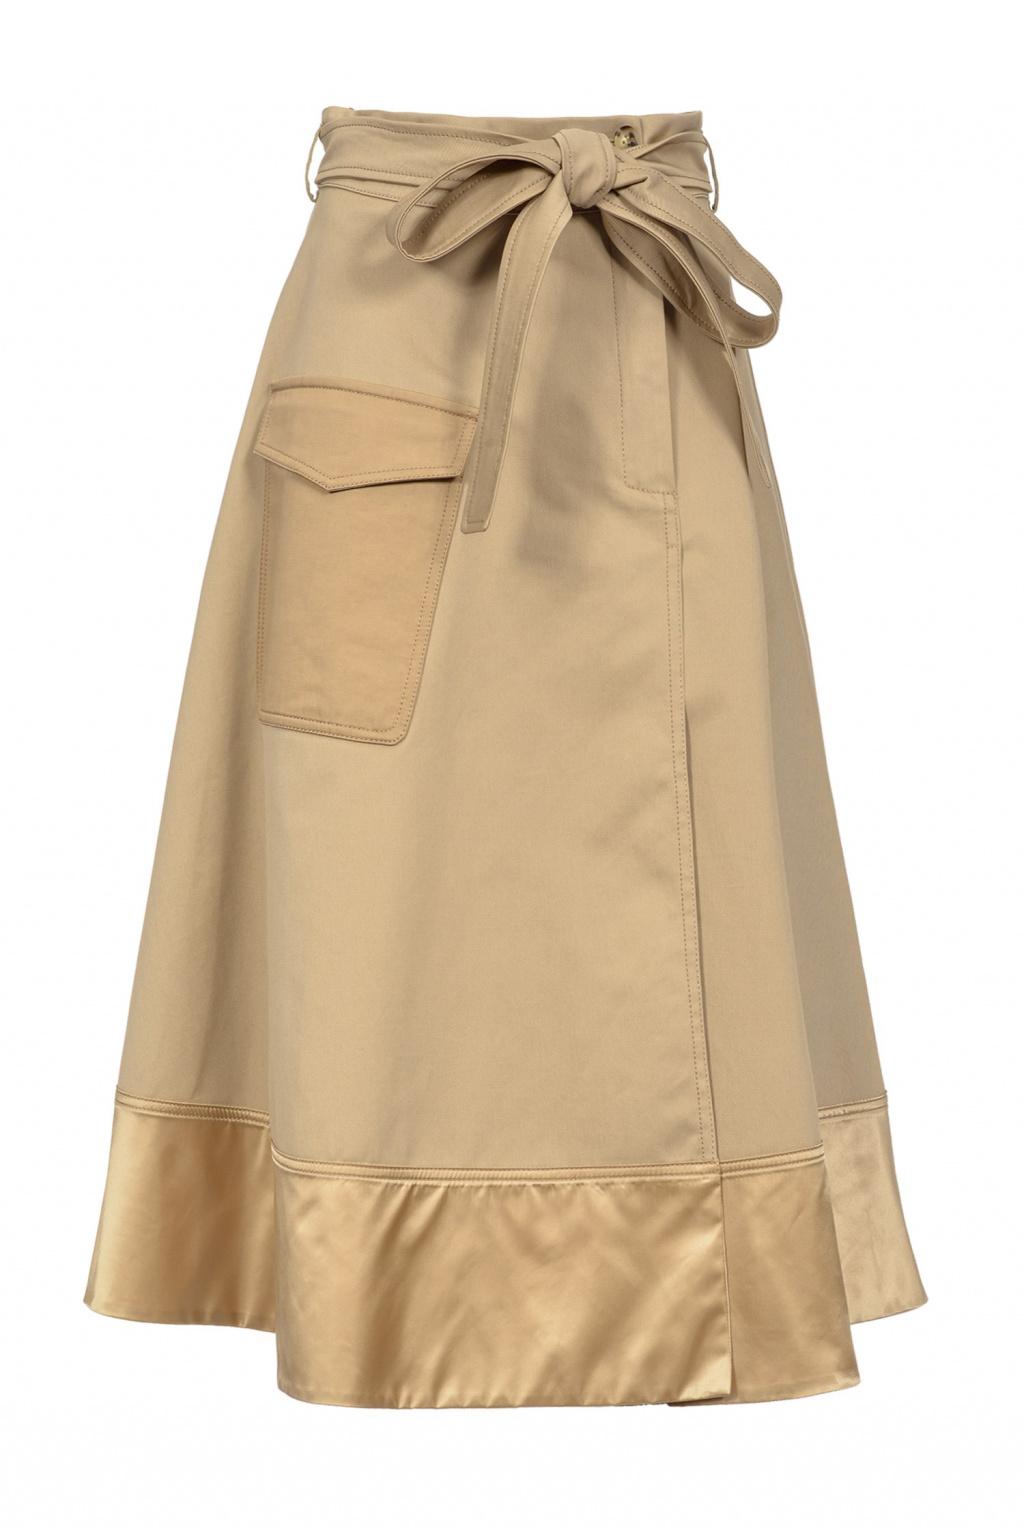 1B14CZ7975 Dámská sukně Pinko Paragas béžová